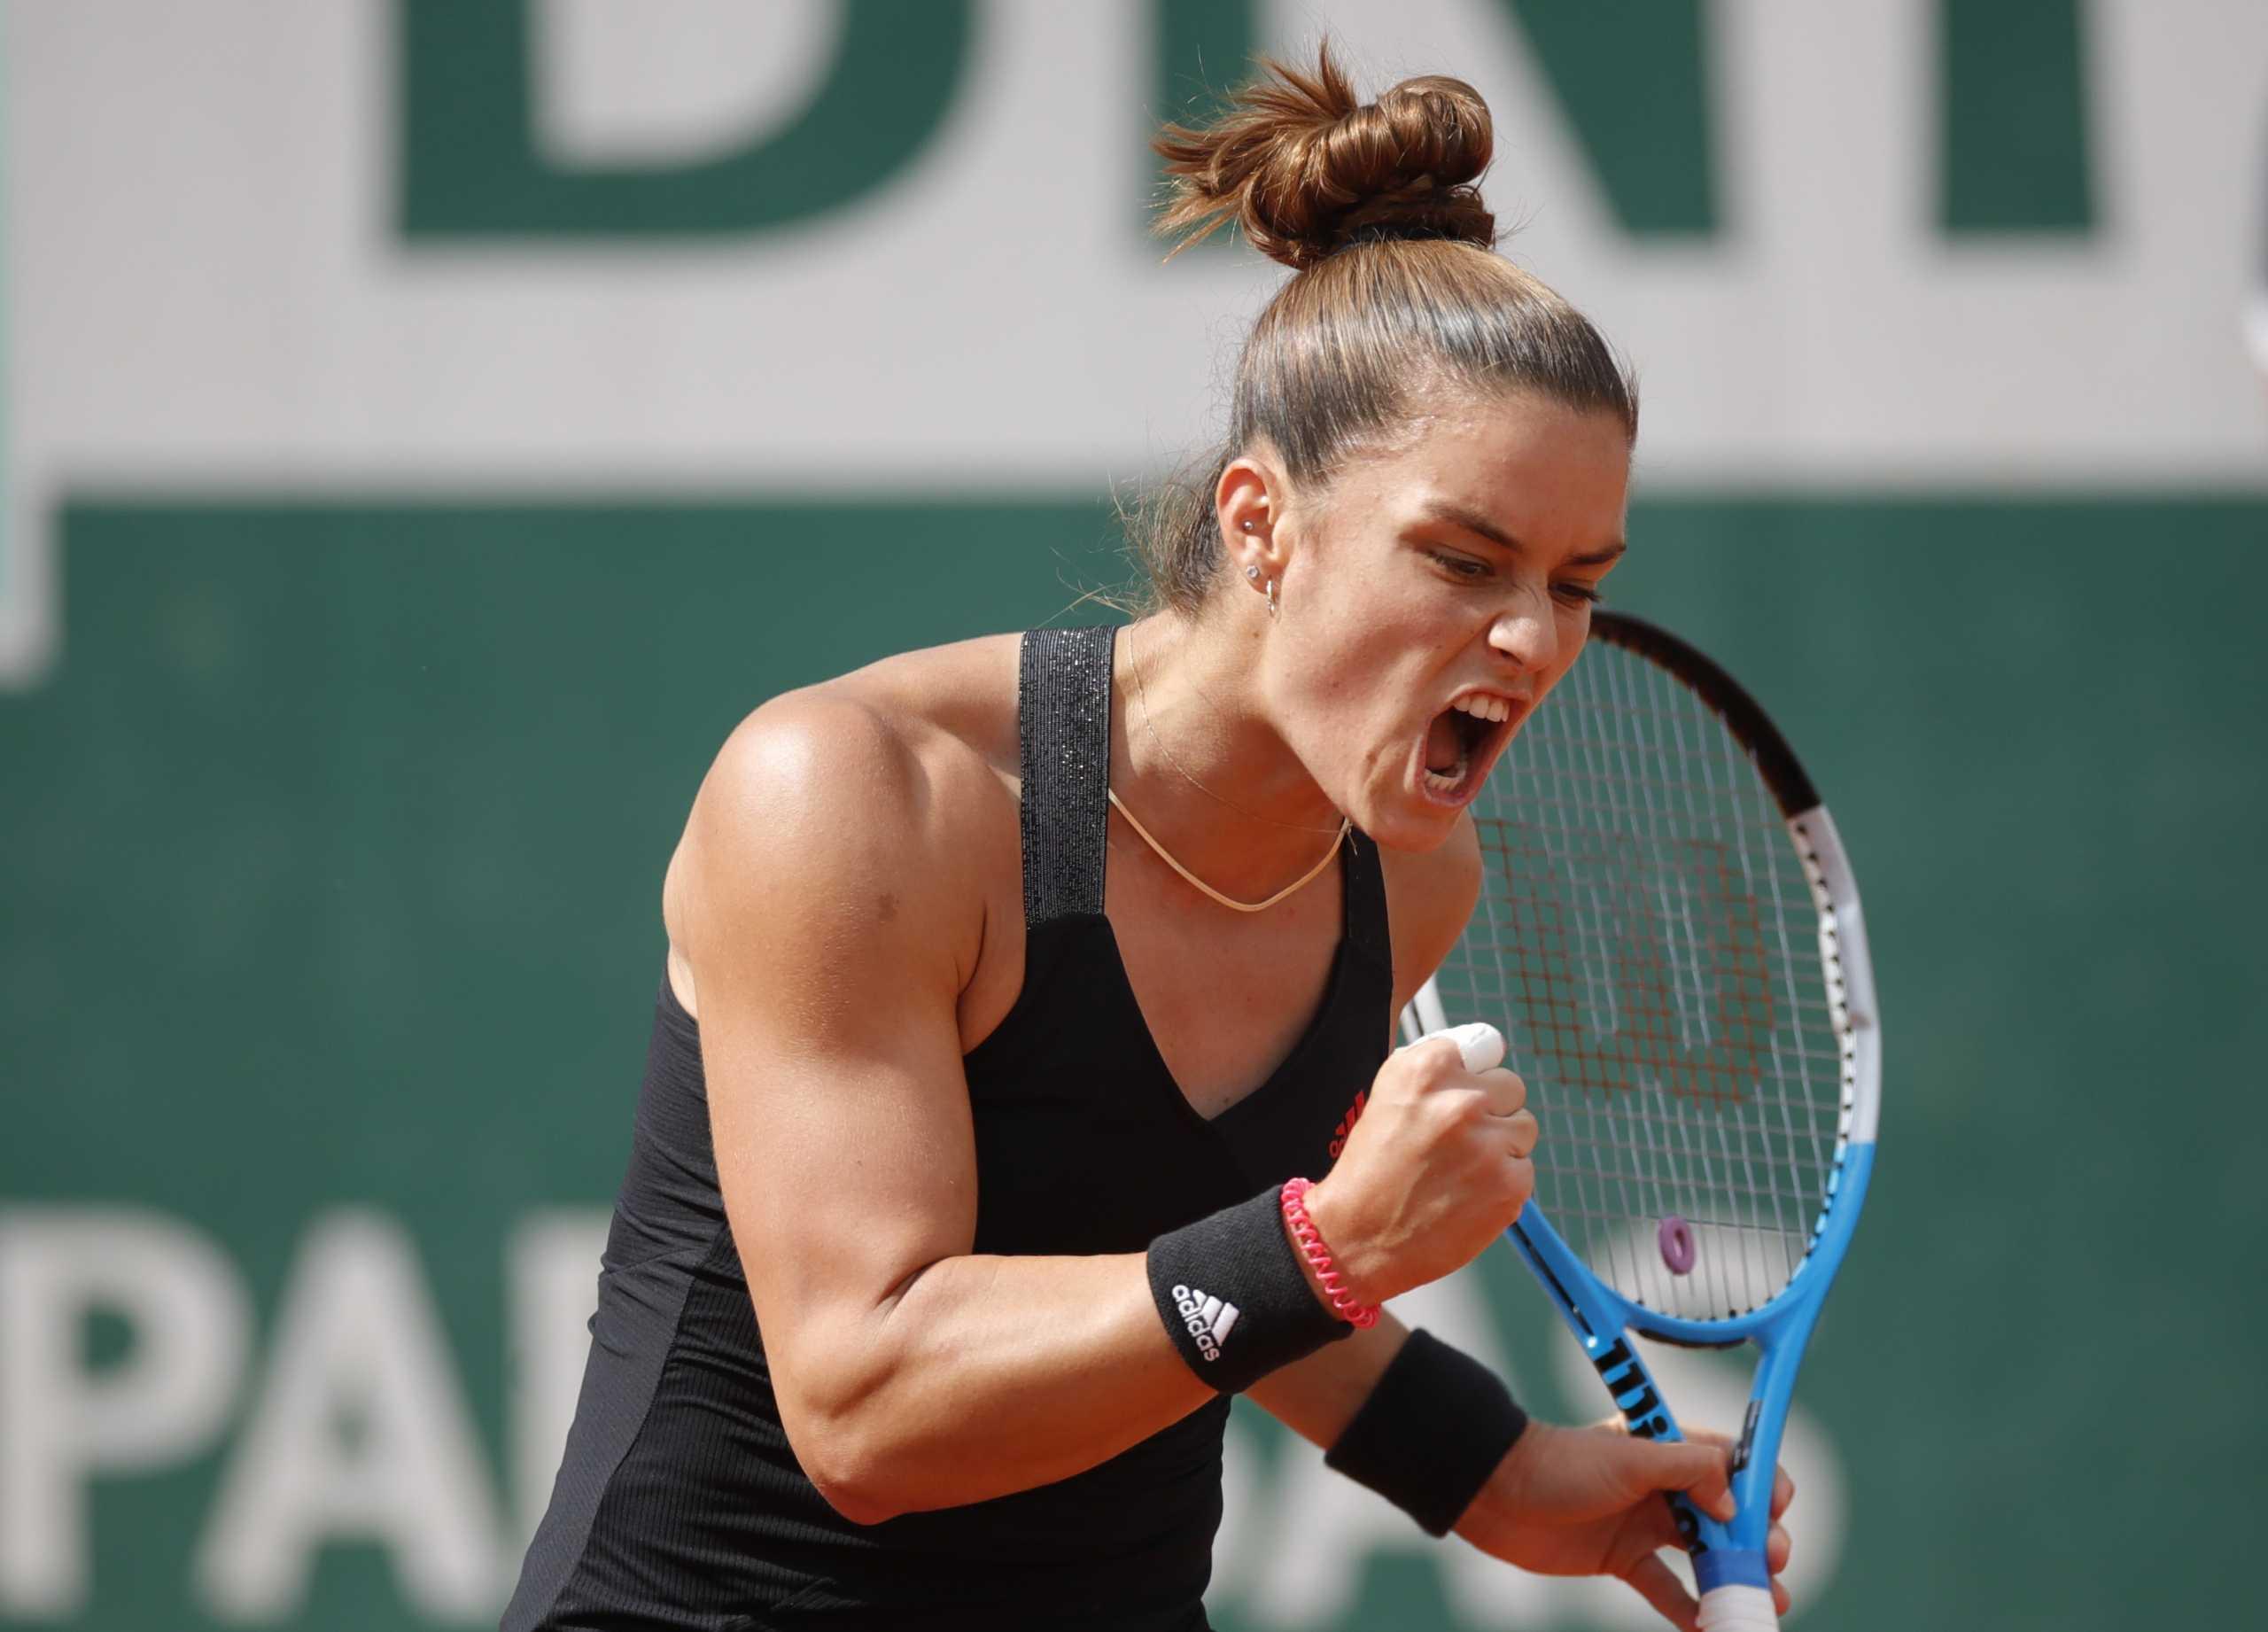 Απίστευτη Μαρία Σάκκαρη, διέλυσε την Κένιν και προκρίθηκε στα προημιτελικά του Roland Garros